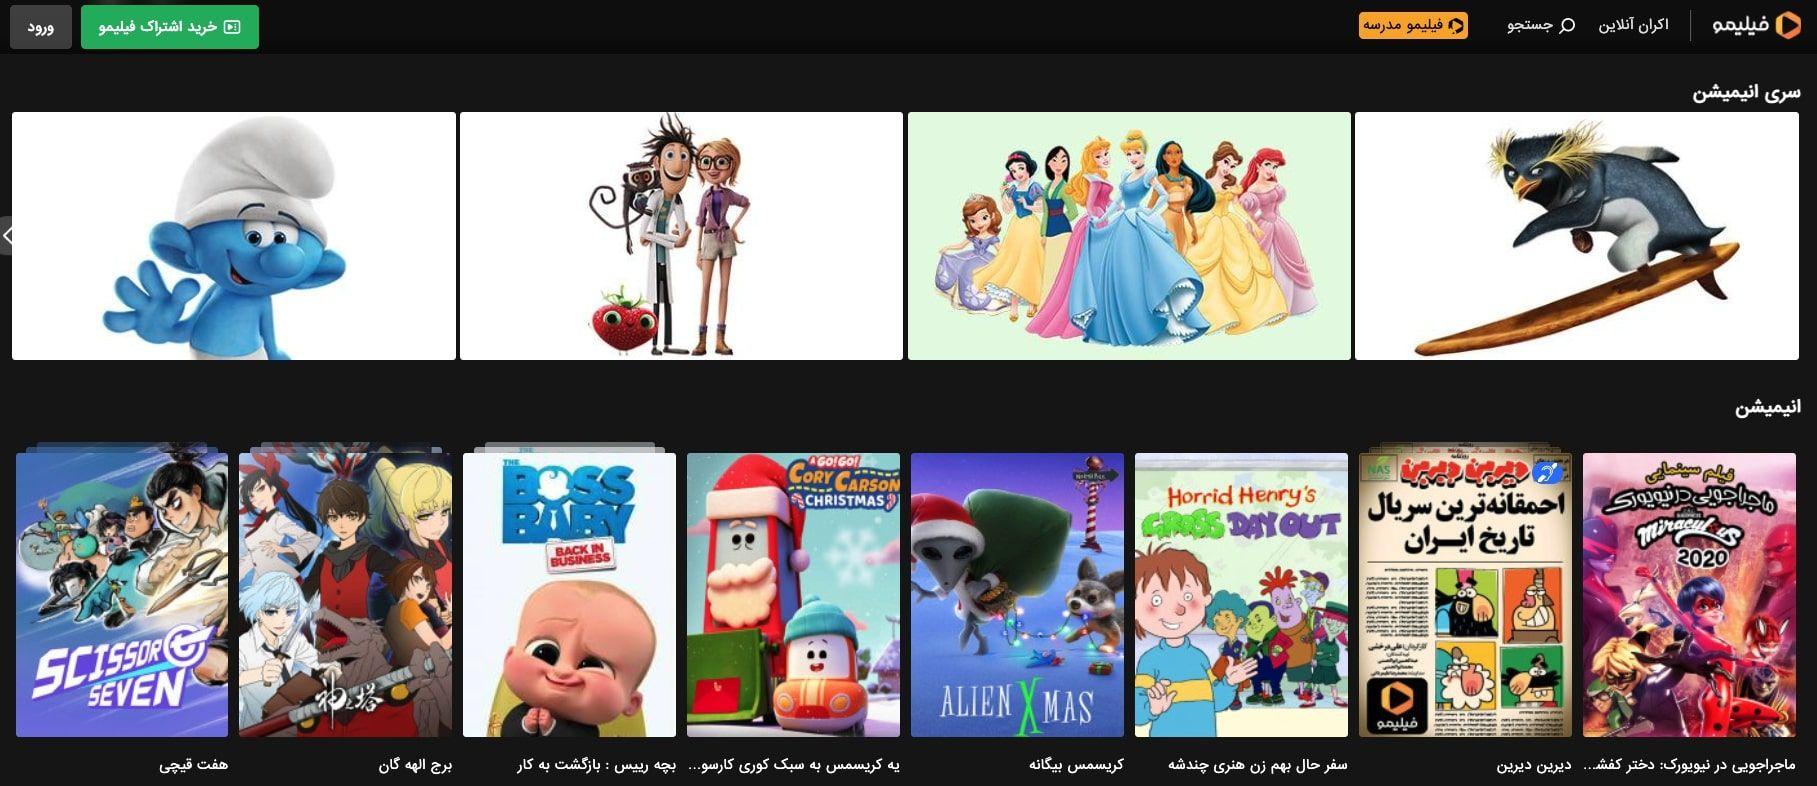 مجموعه کامل انیمیشن ها و کارتون های فیلیمو